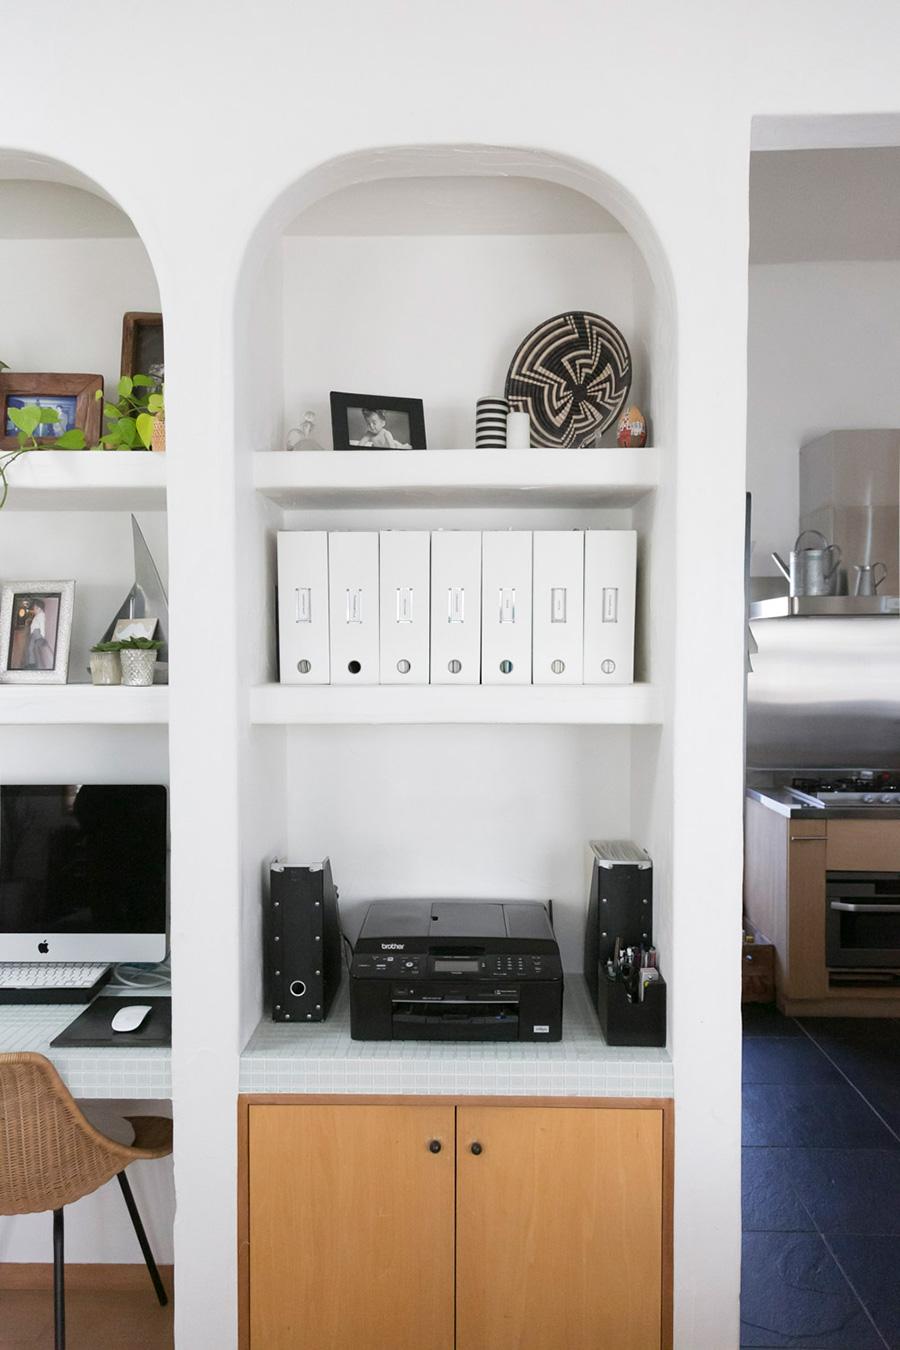 実用的なものを収めながら、すっきりと美しい飾り棚。下段を重い黒色、上段を軽い白色で分けたのも計算の上。